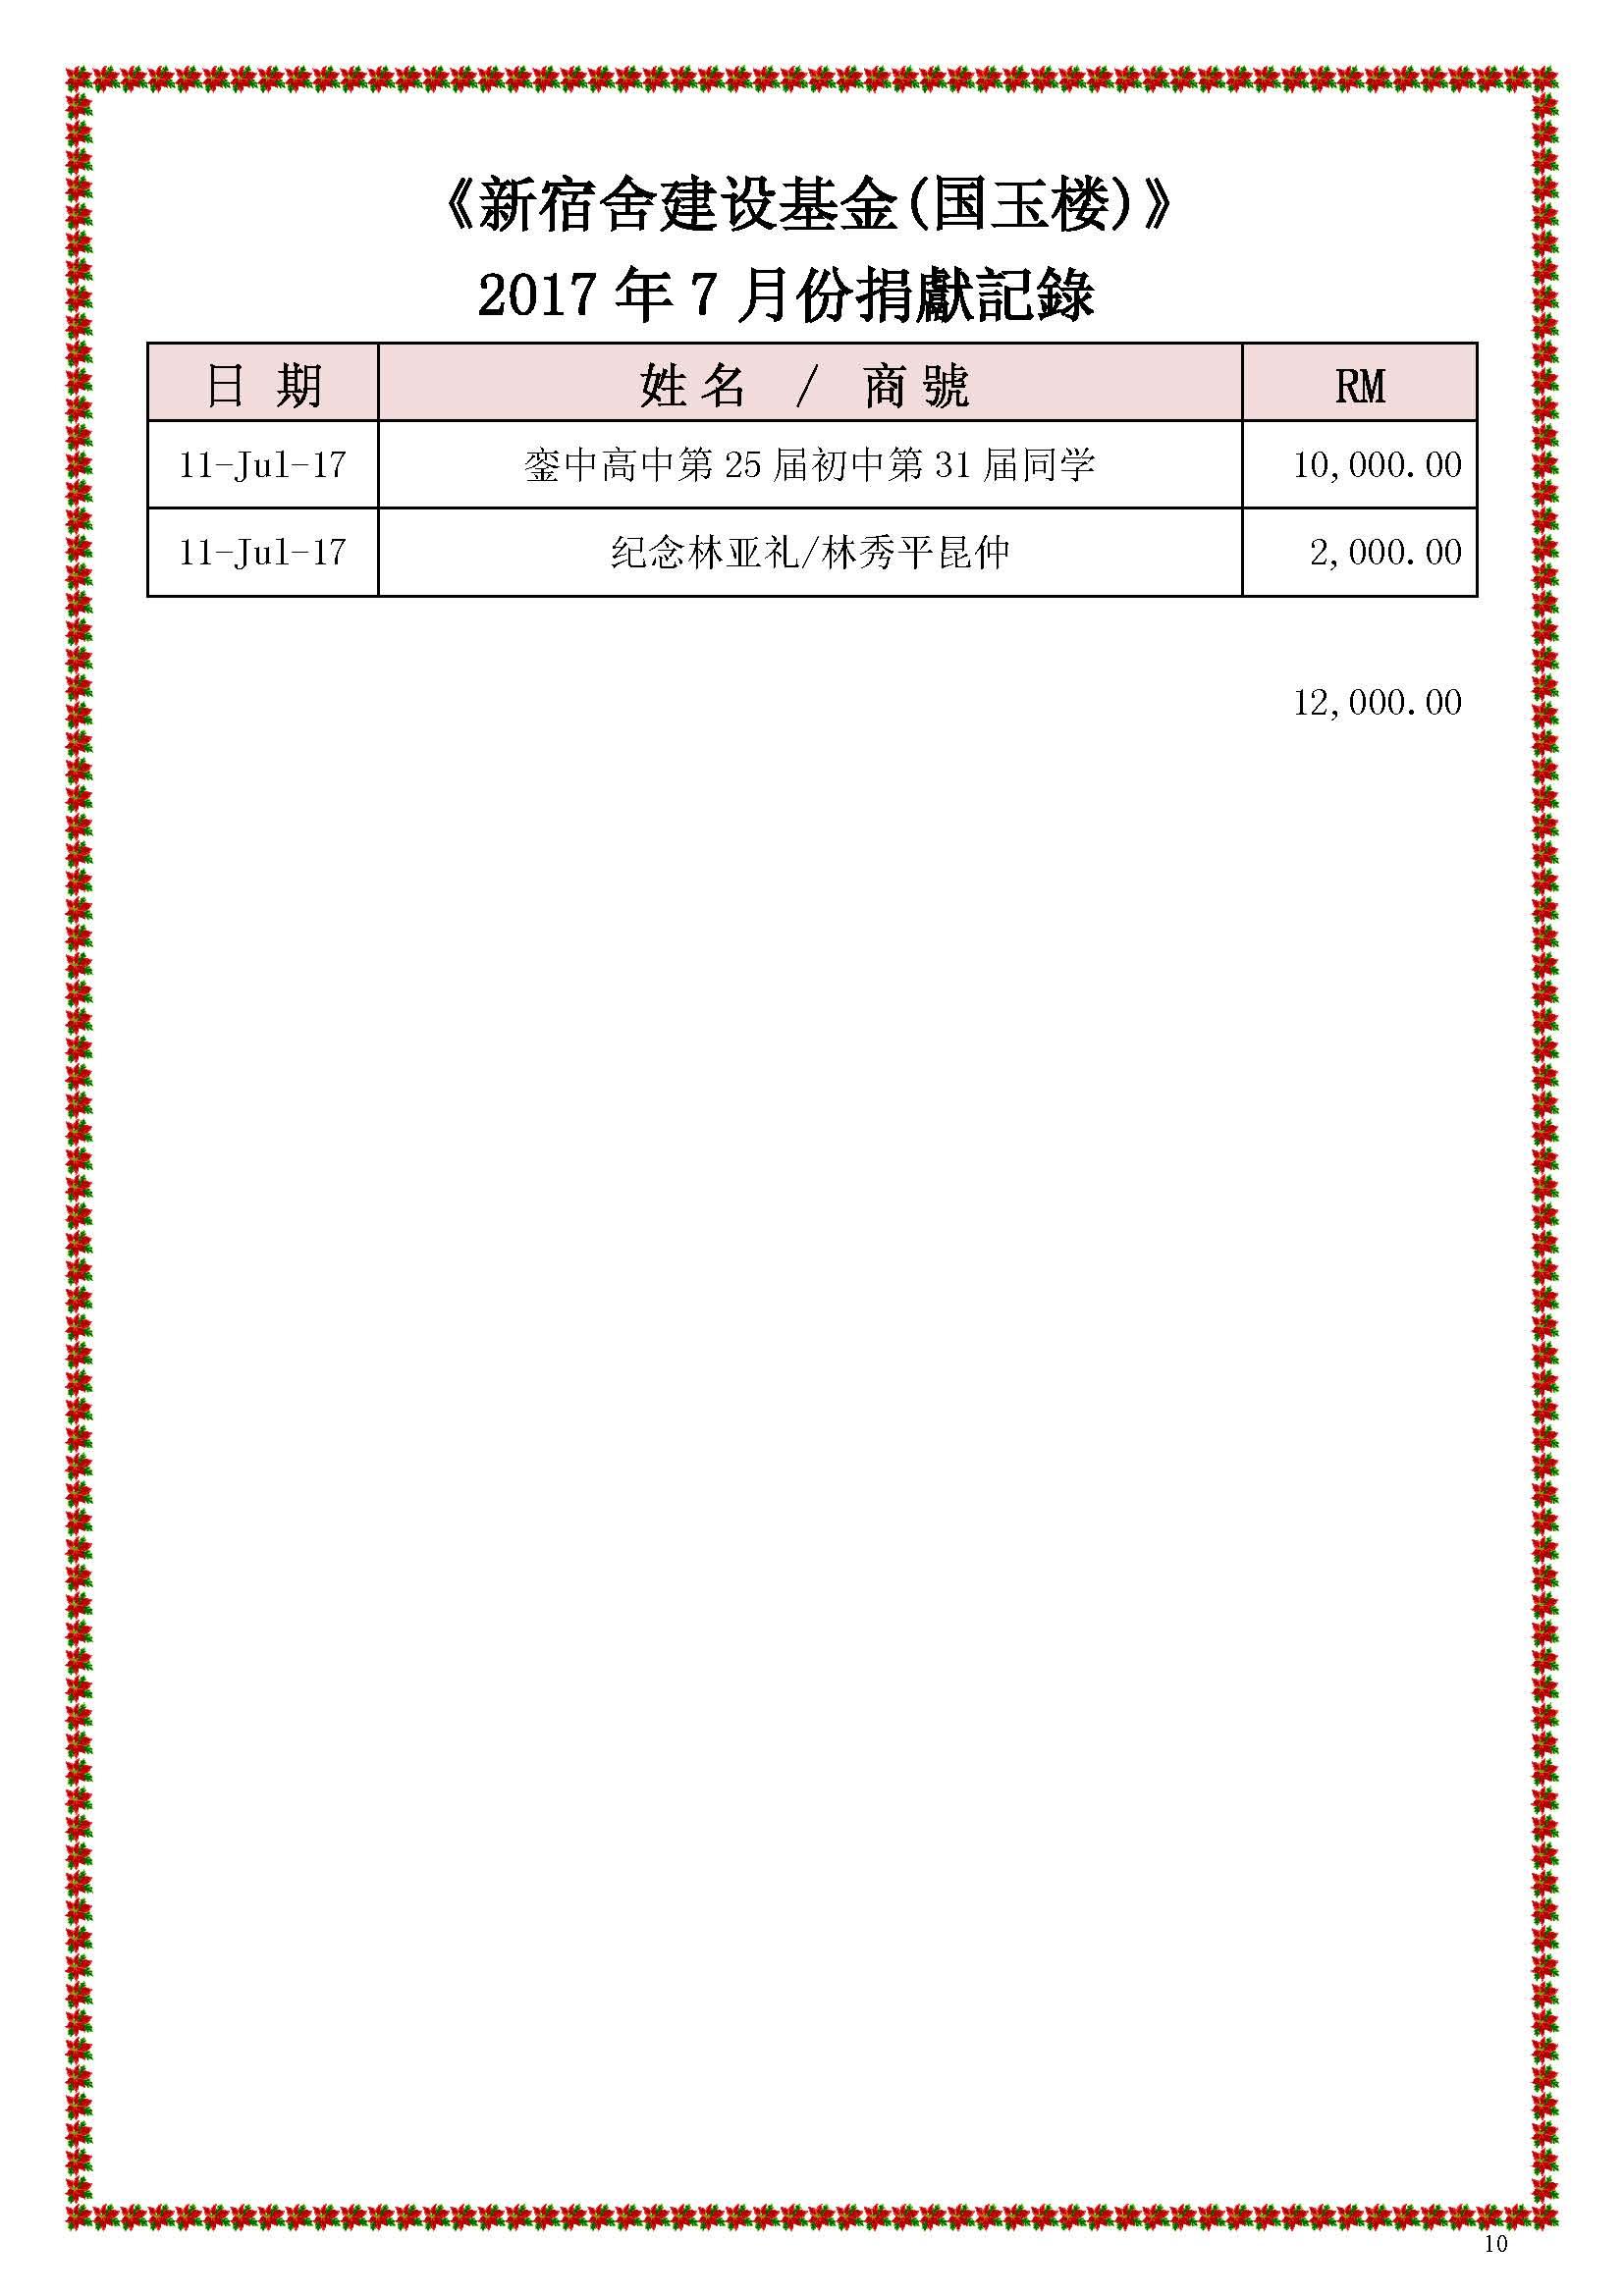 2017年7月份捐獻記錄PDF_页面_10